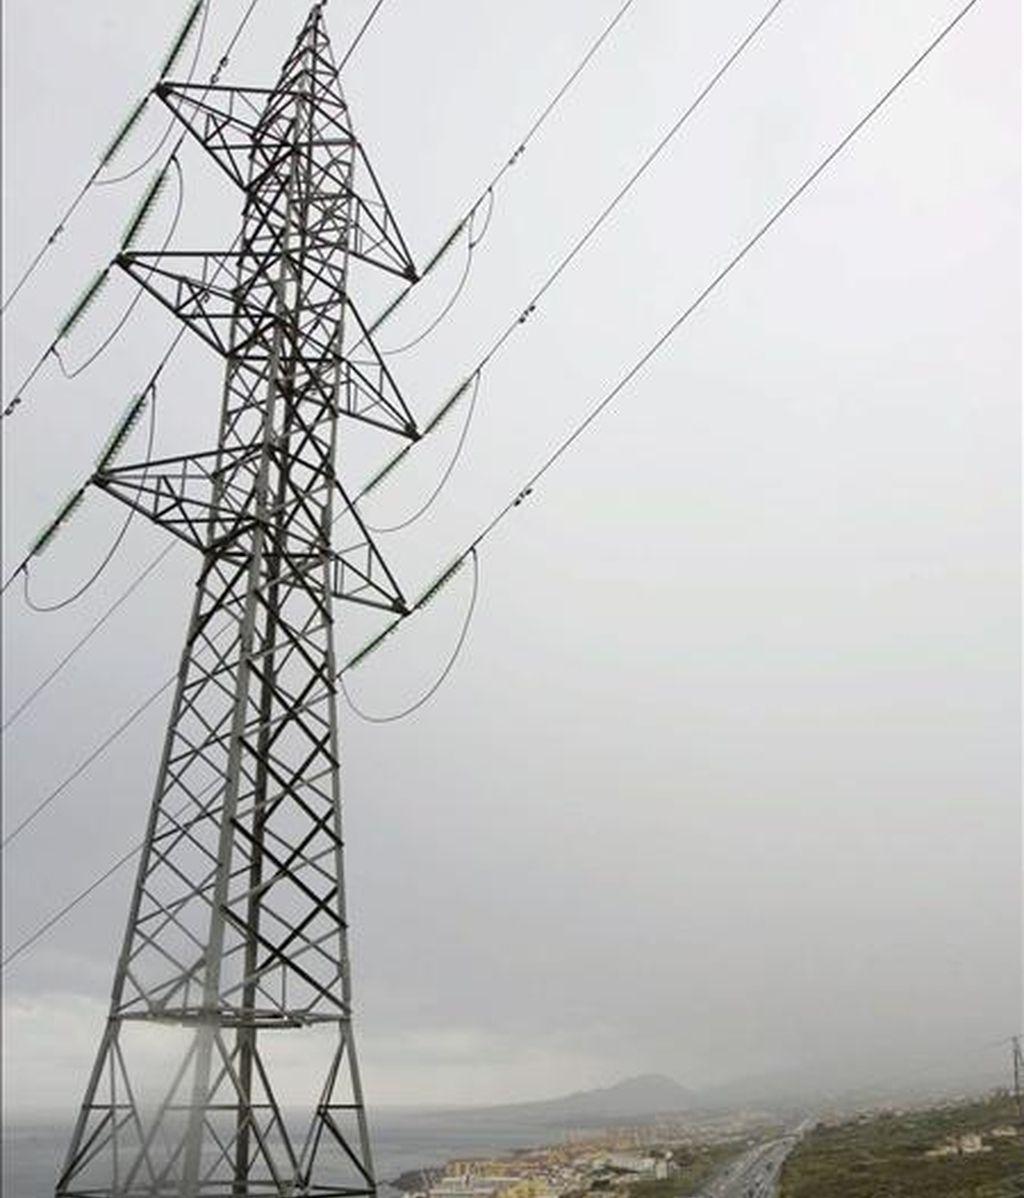 Una torre de alta tensión. EFE/Archivo